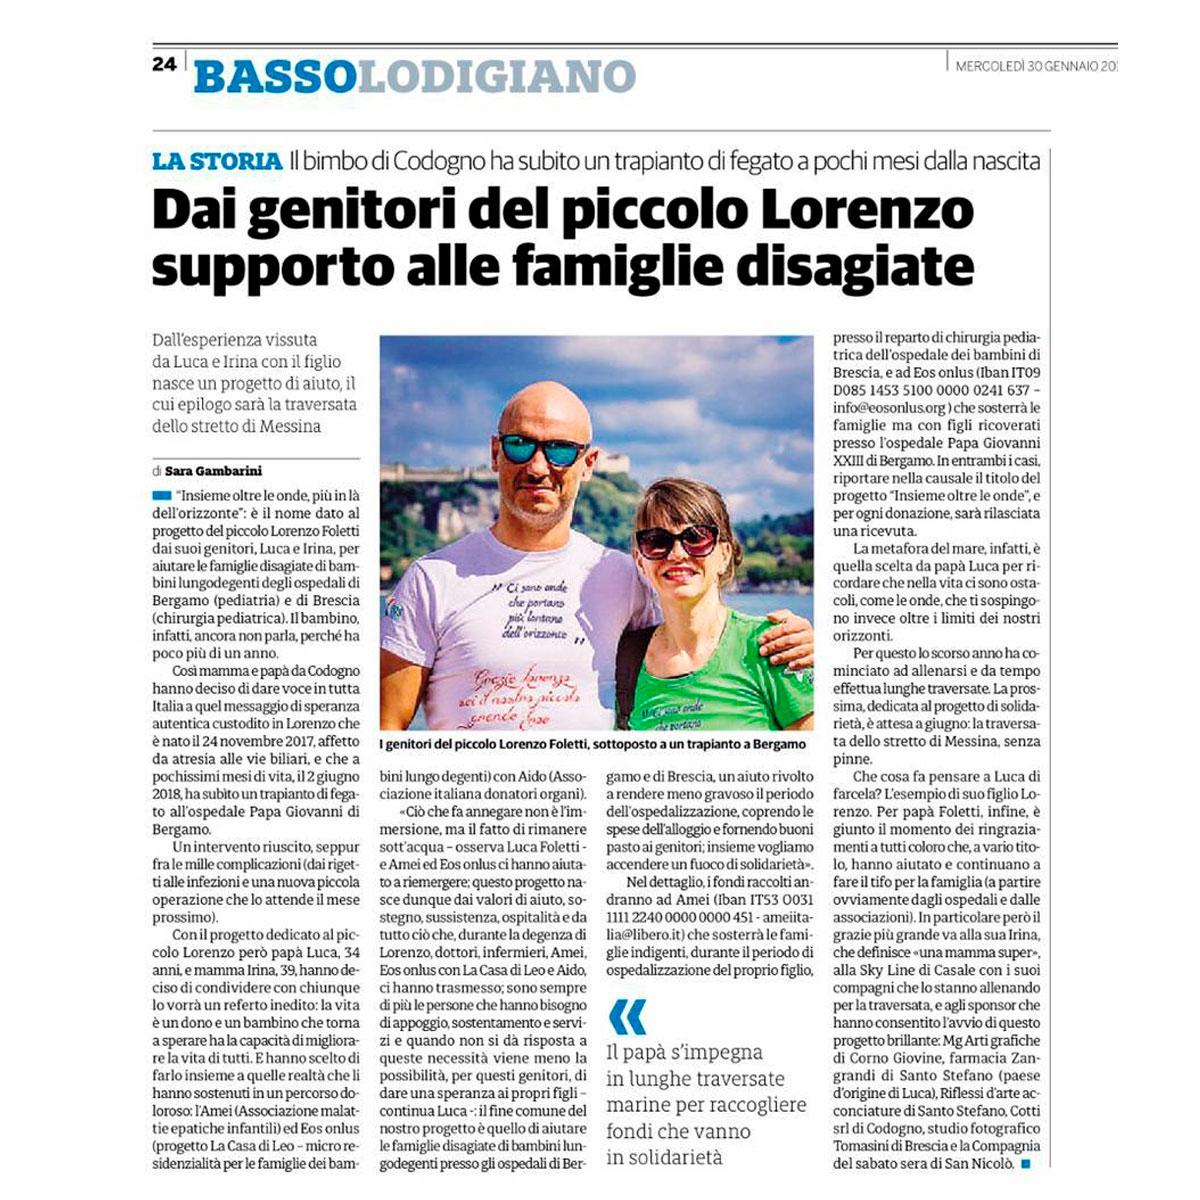 Insieme-oltre-le-onde-Basso-Lodigiano-articolo-rassegna-stampa-2019